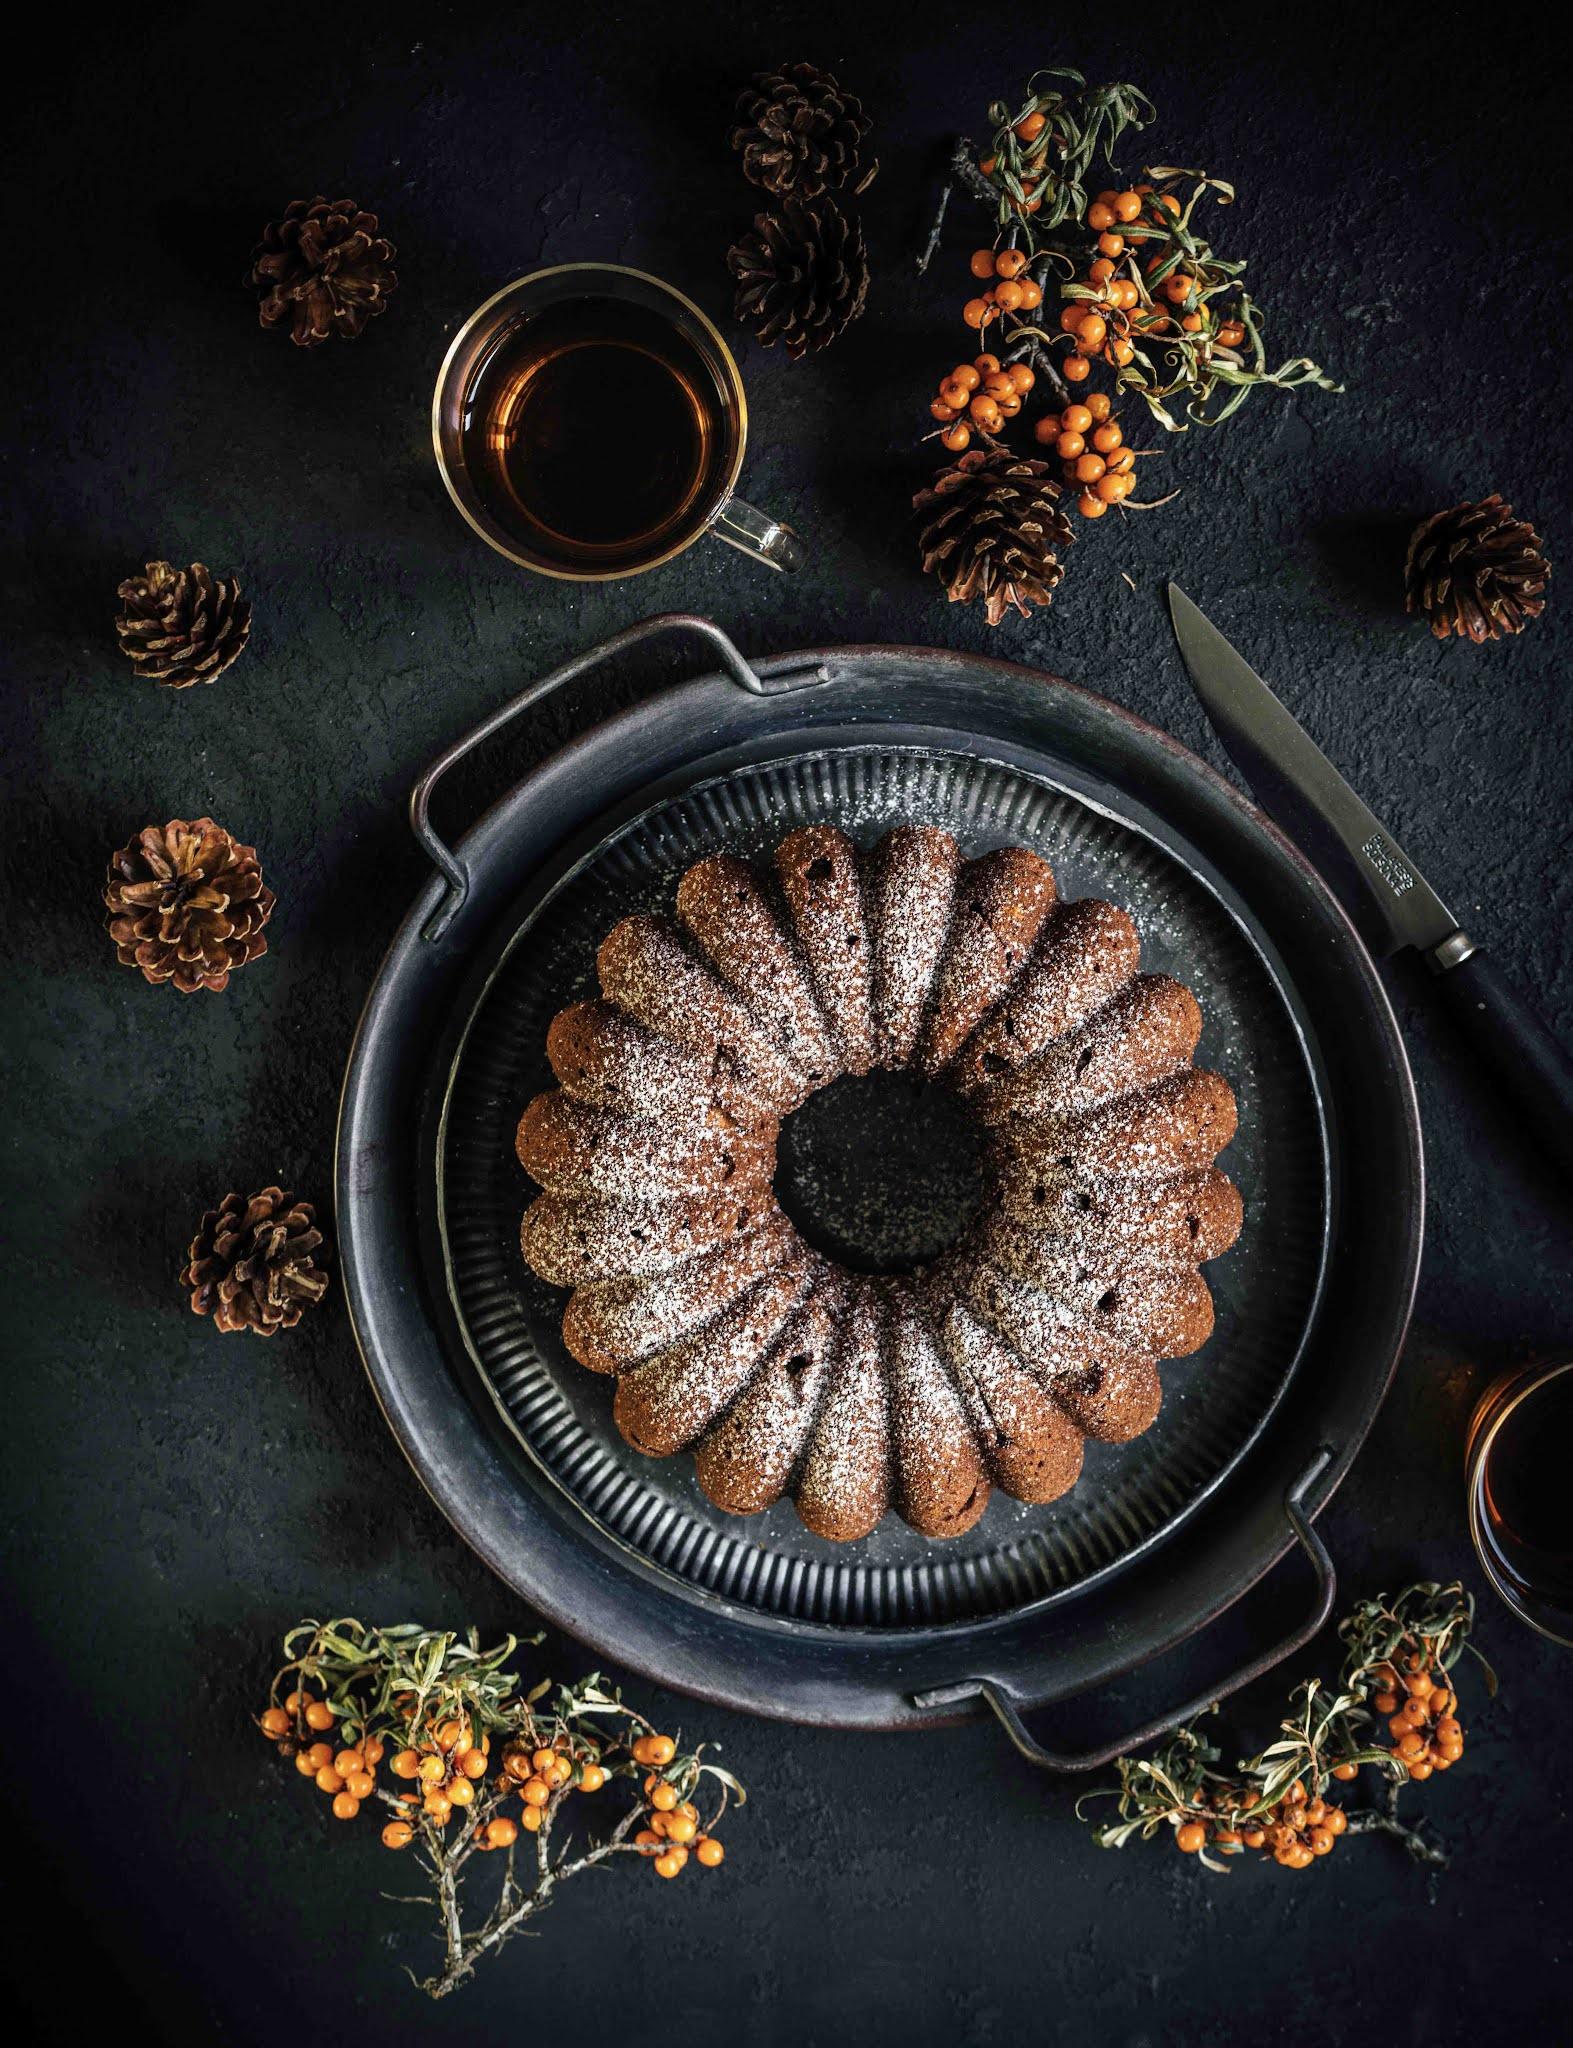 gâteau moelleux, gâteau aux noisettes, poudre de noisettes